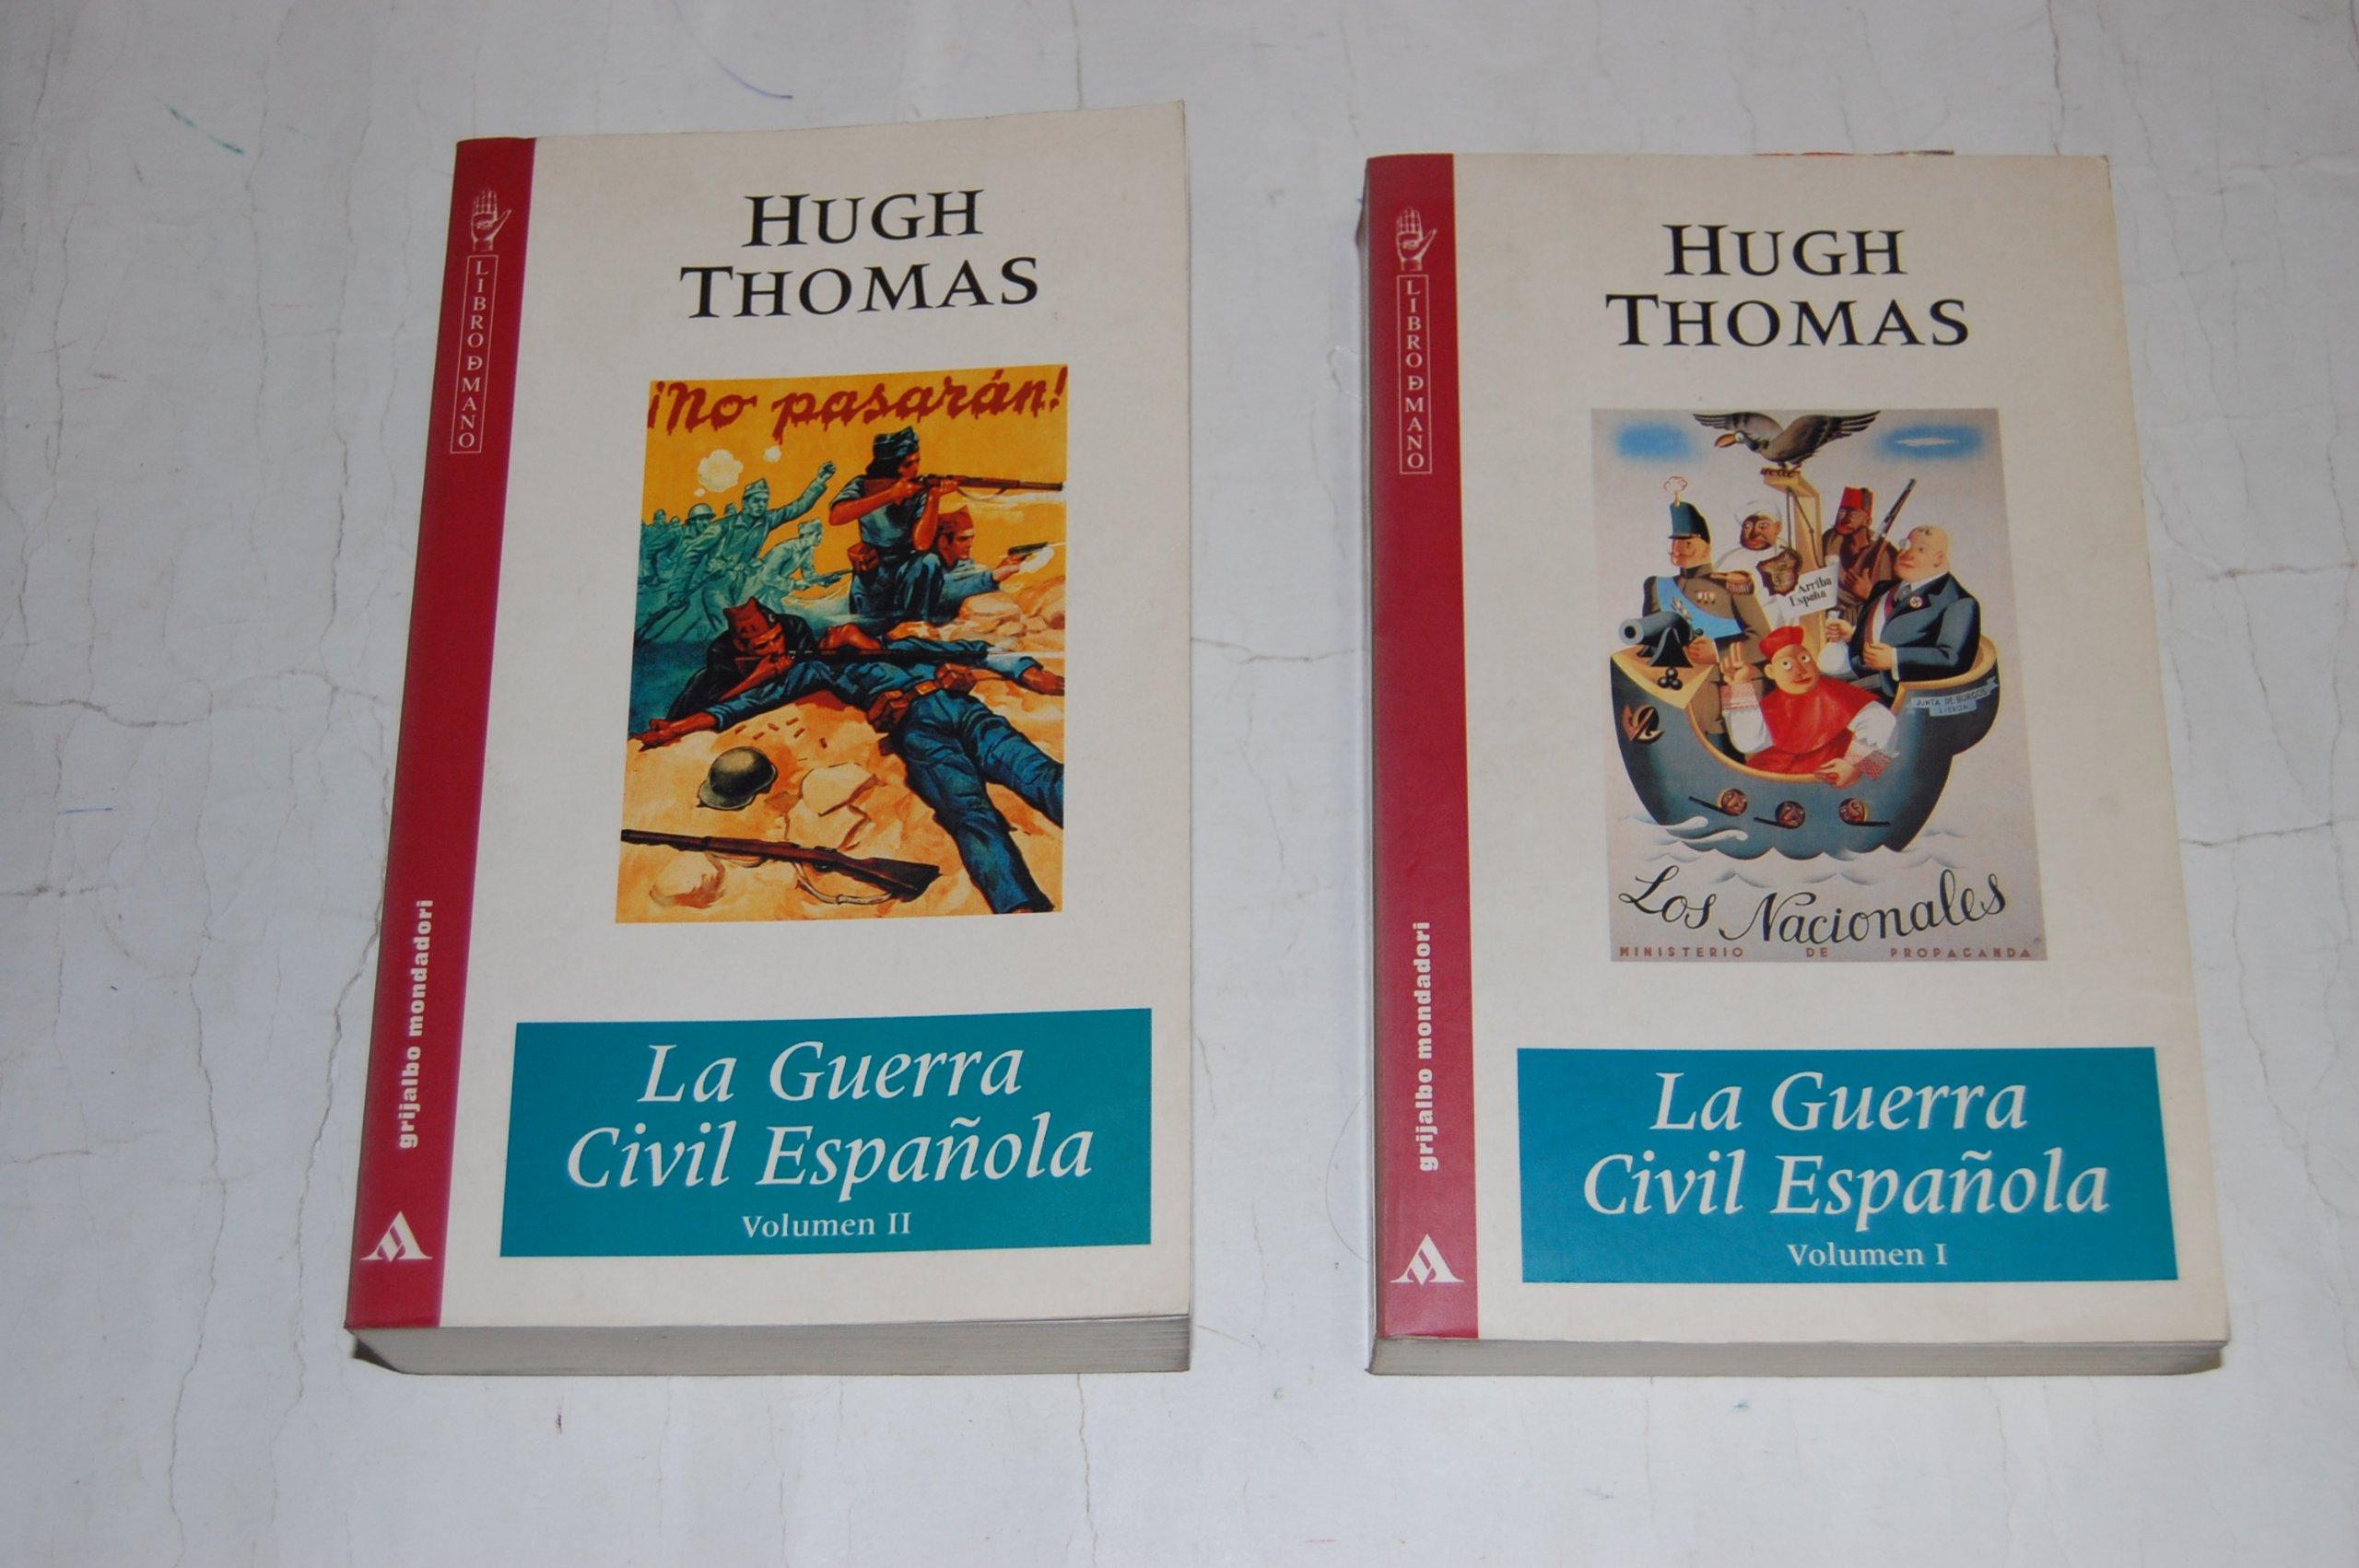 La Guerra civil española: Amazon.es: Hugh Thomas: Libros